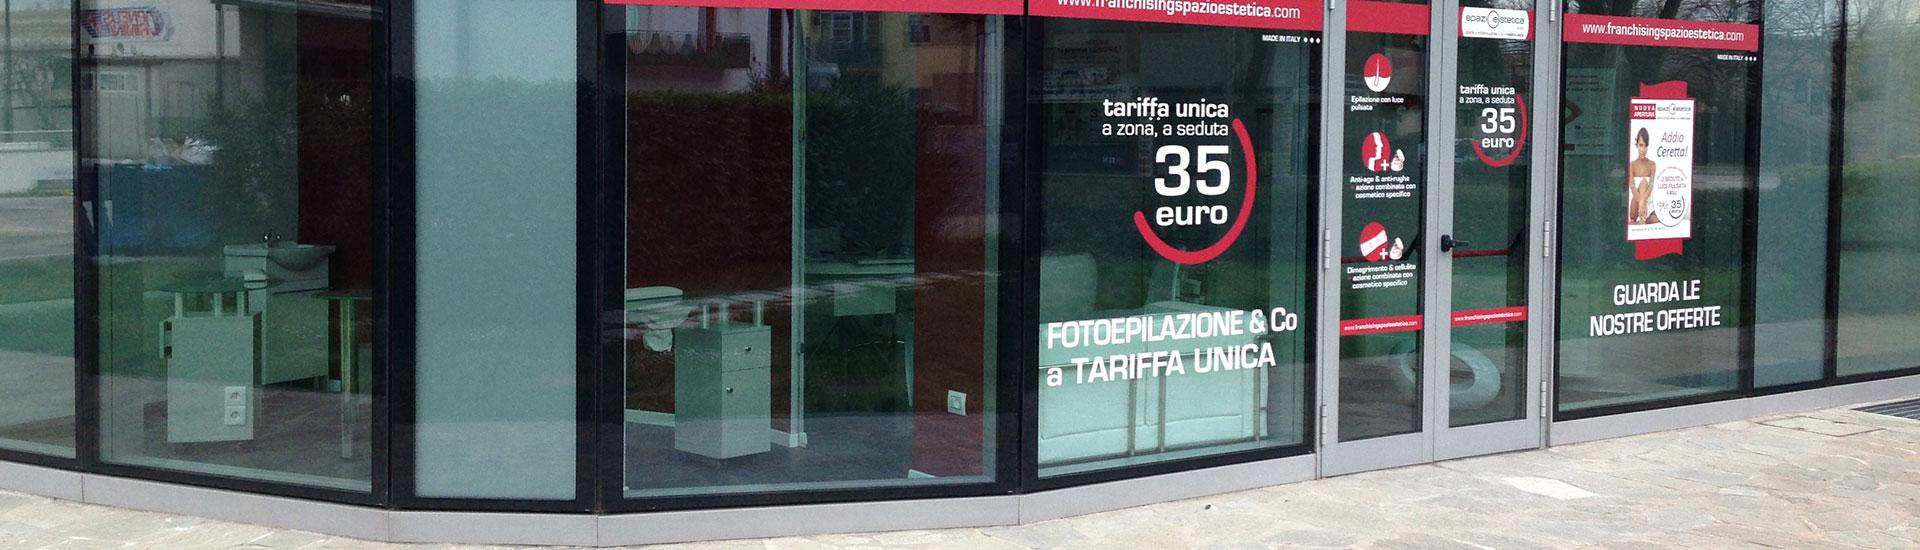 Apri Centro Estetico Franchising Spazio Estetica